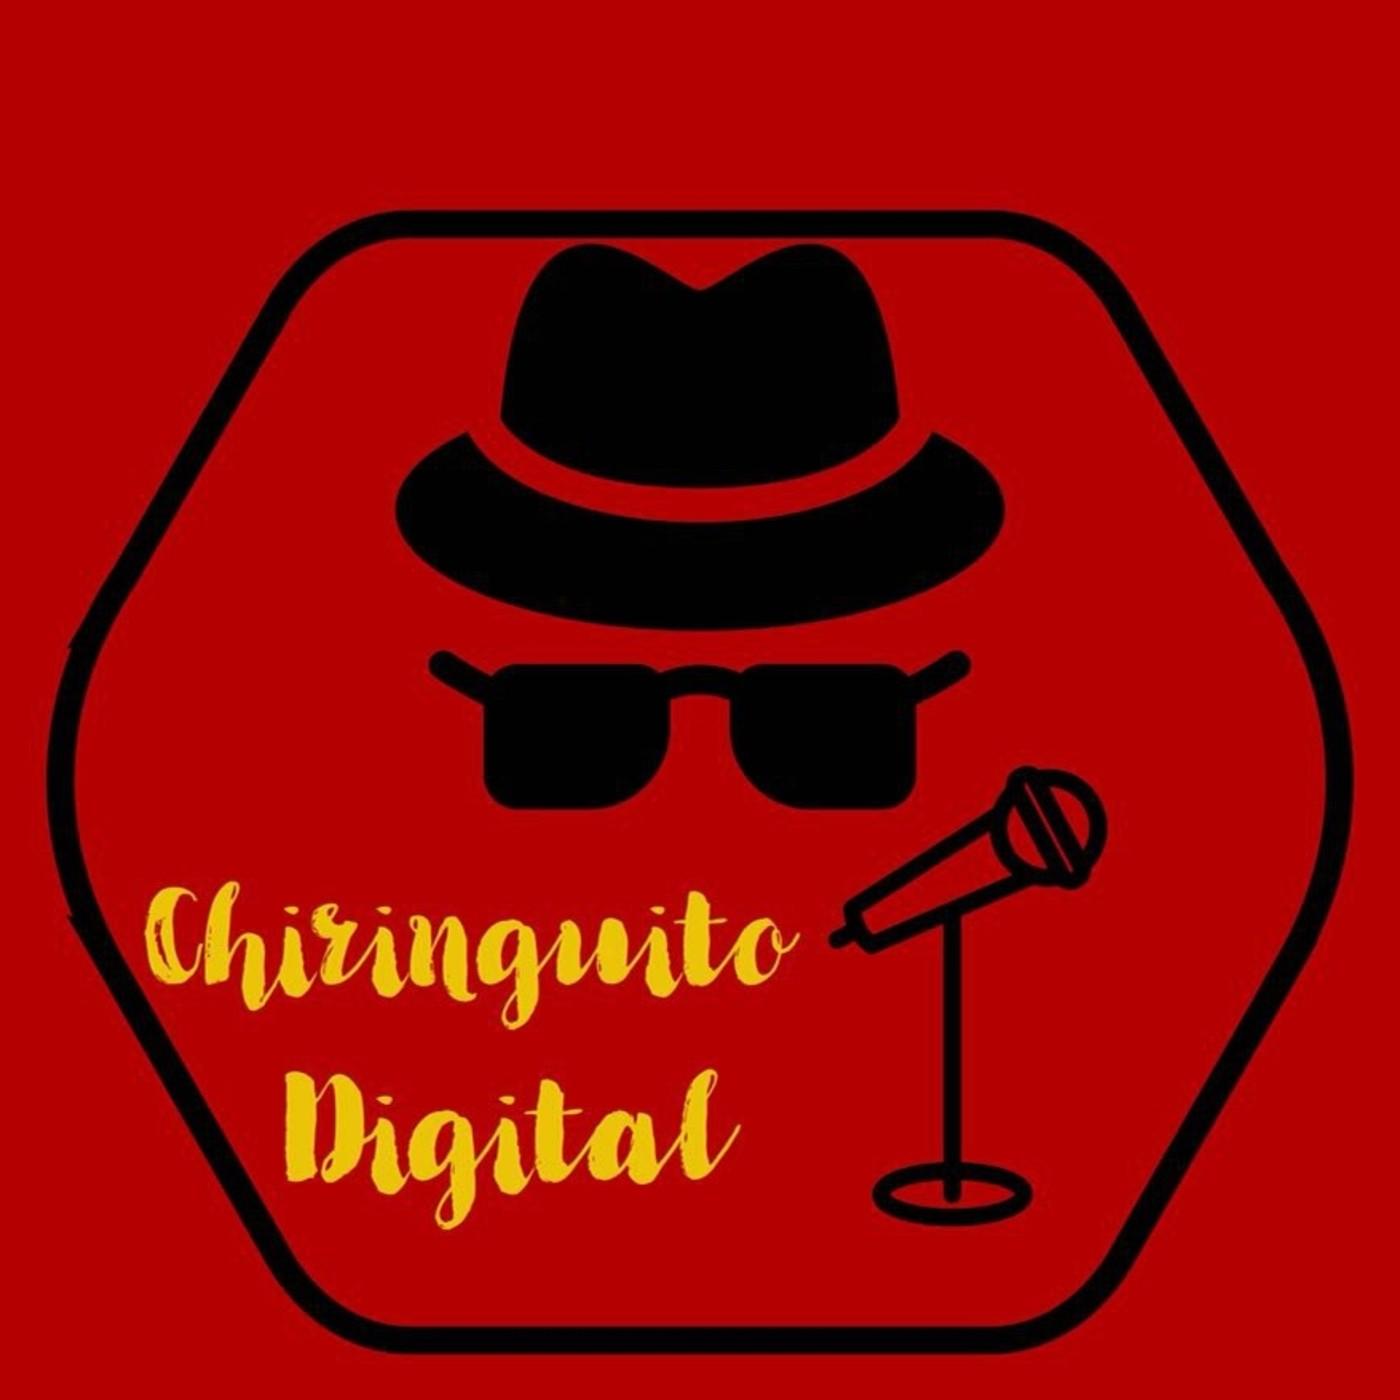 Chiringuito digital